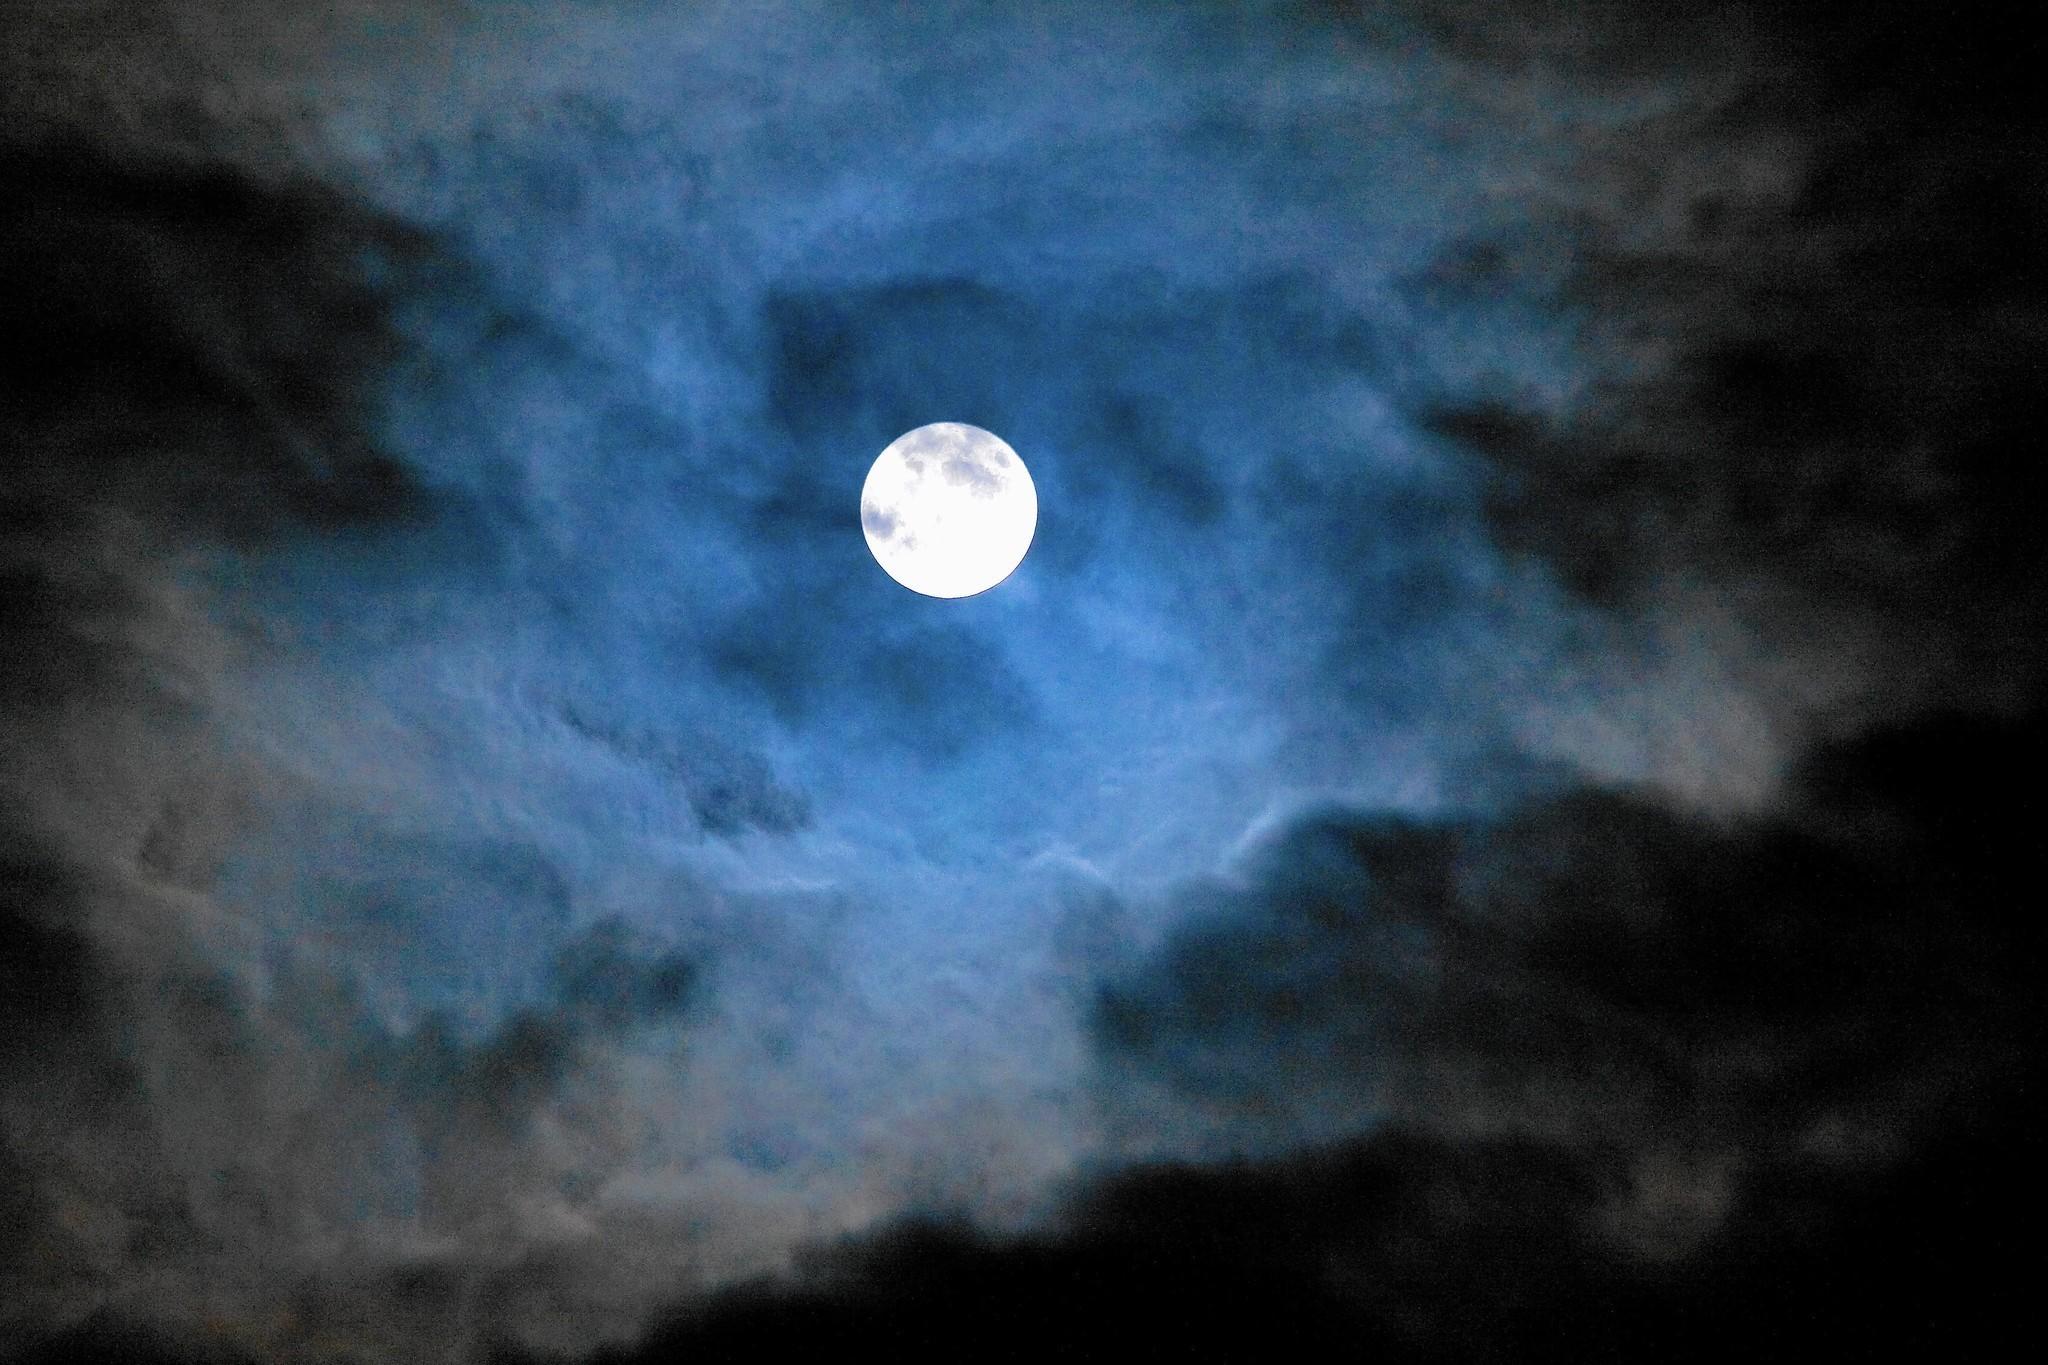 Don't blame kids' behavior on full moon - Chicago Tribune